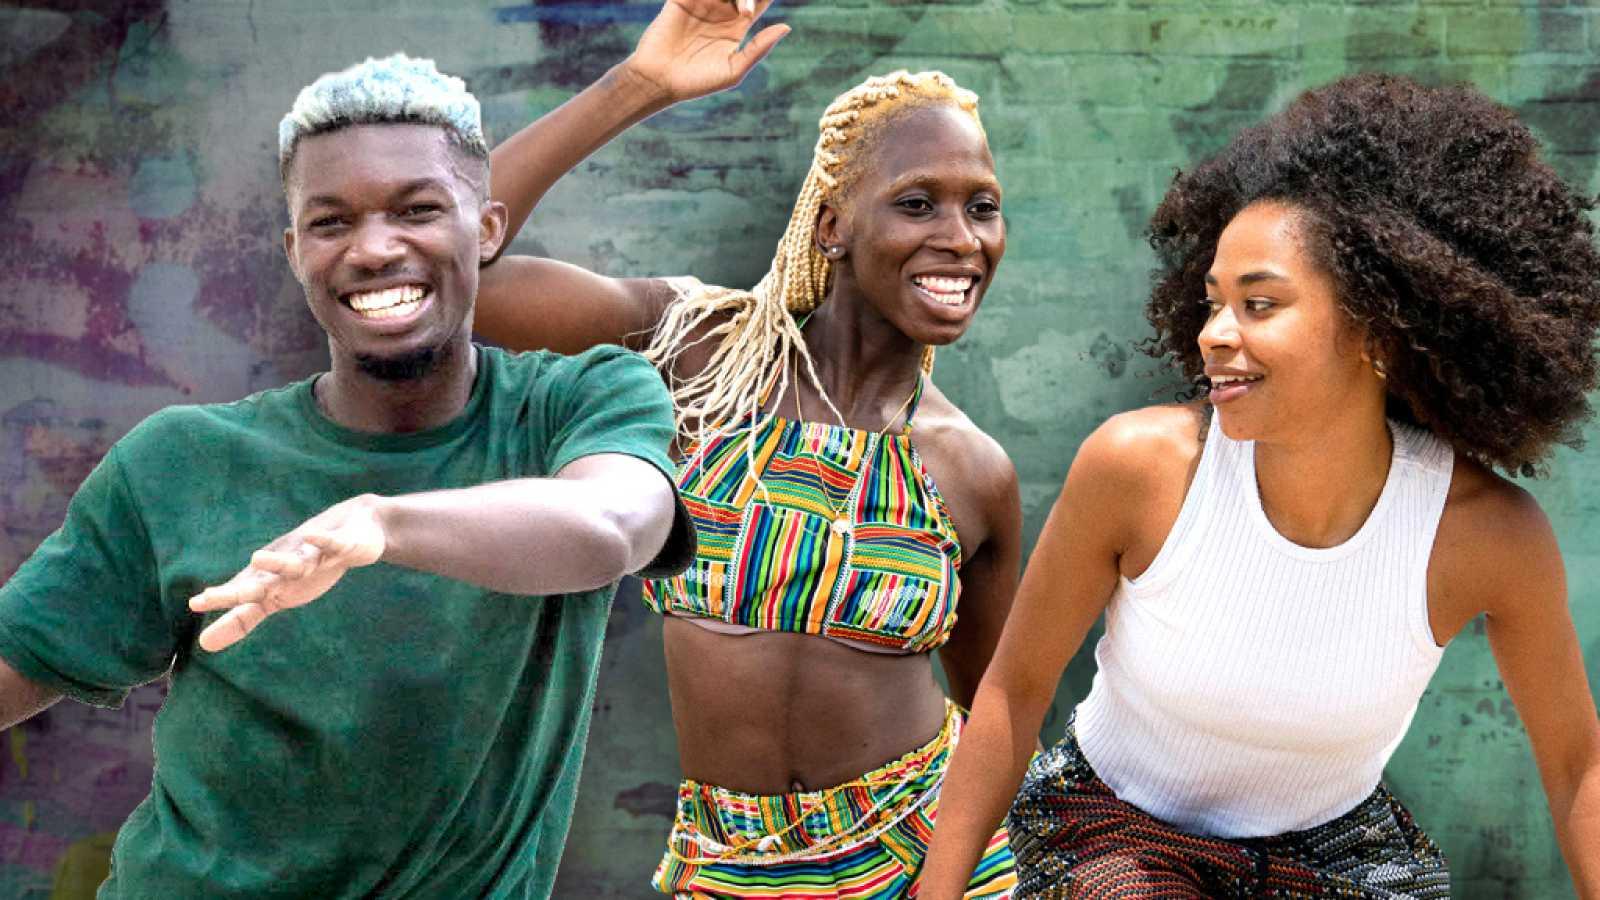 Conexión con el entorno y buen rollo: las claves que te harán amar el afrodance